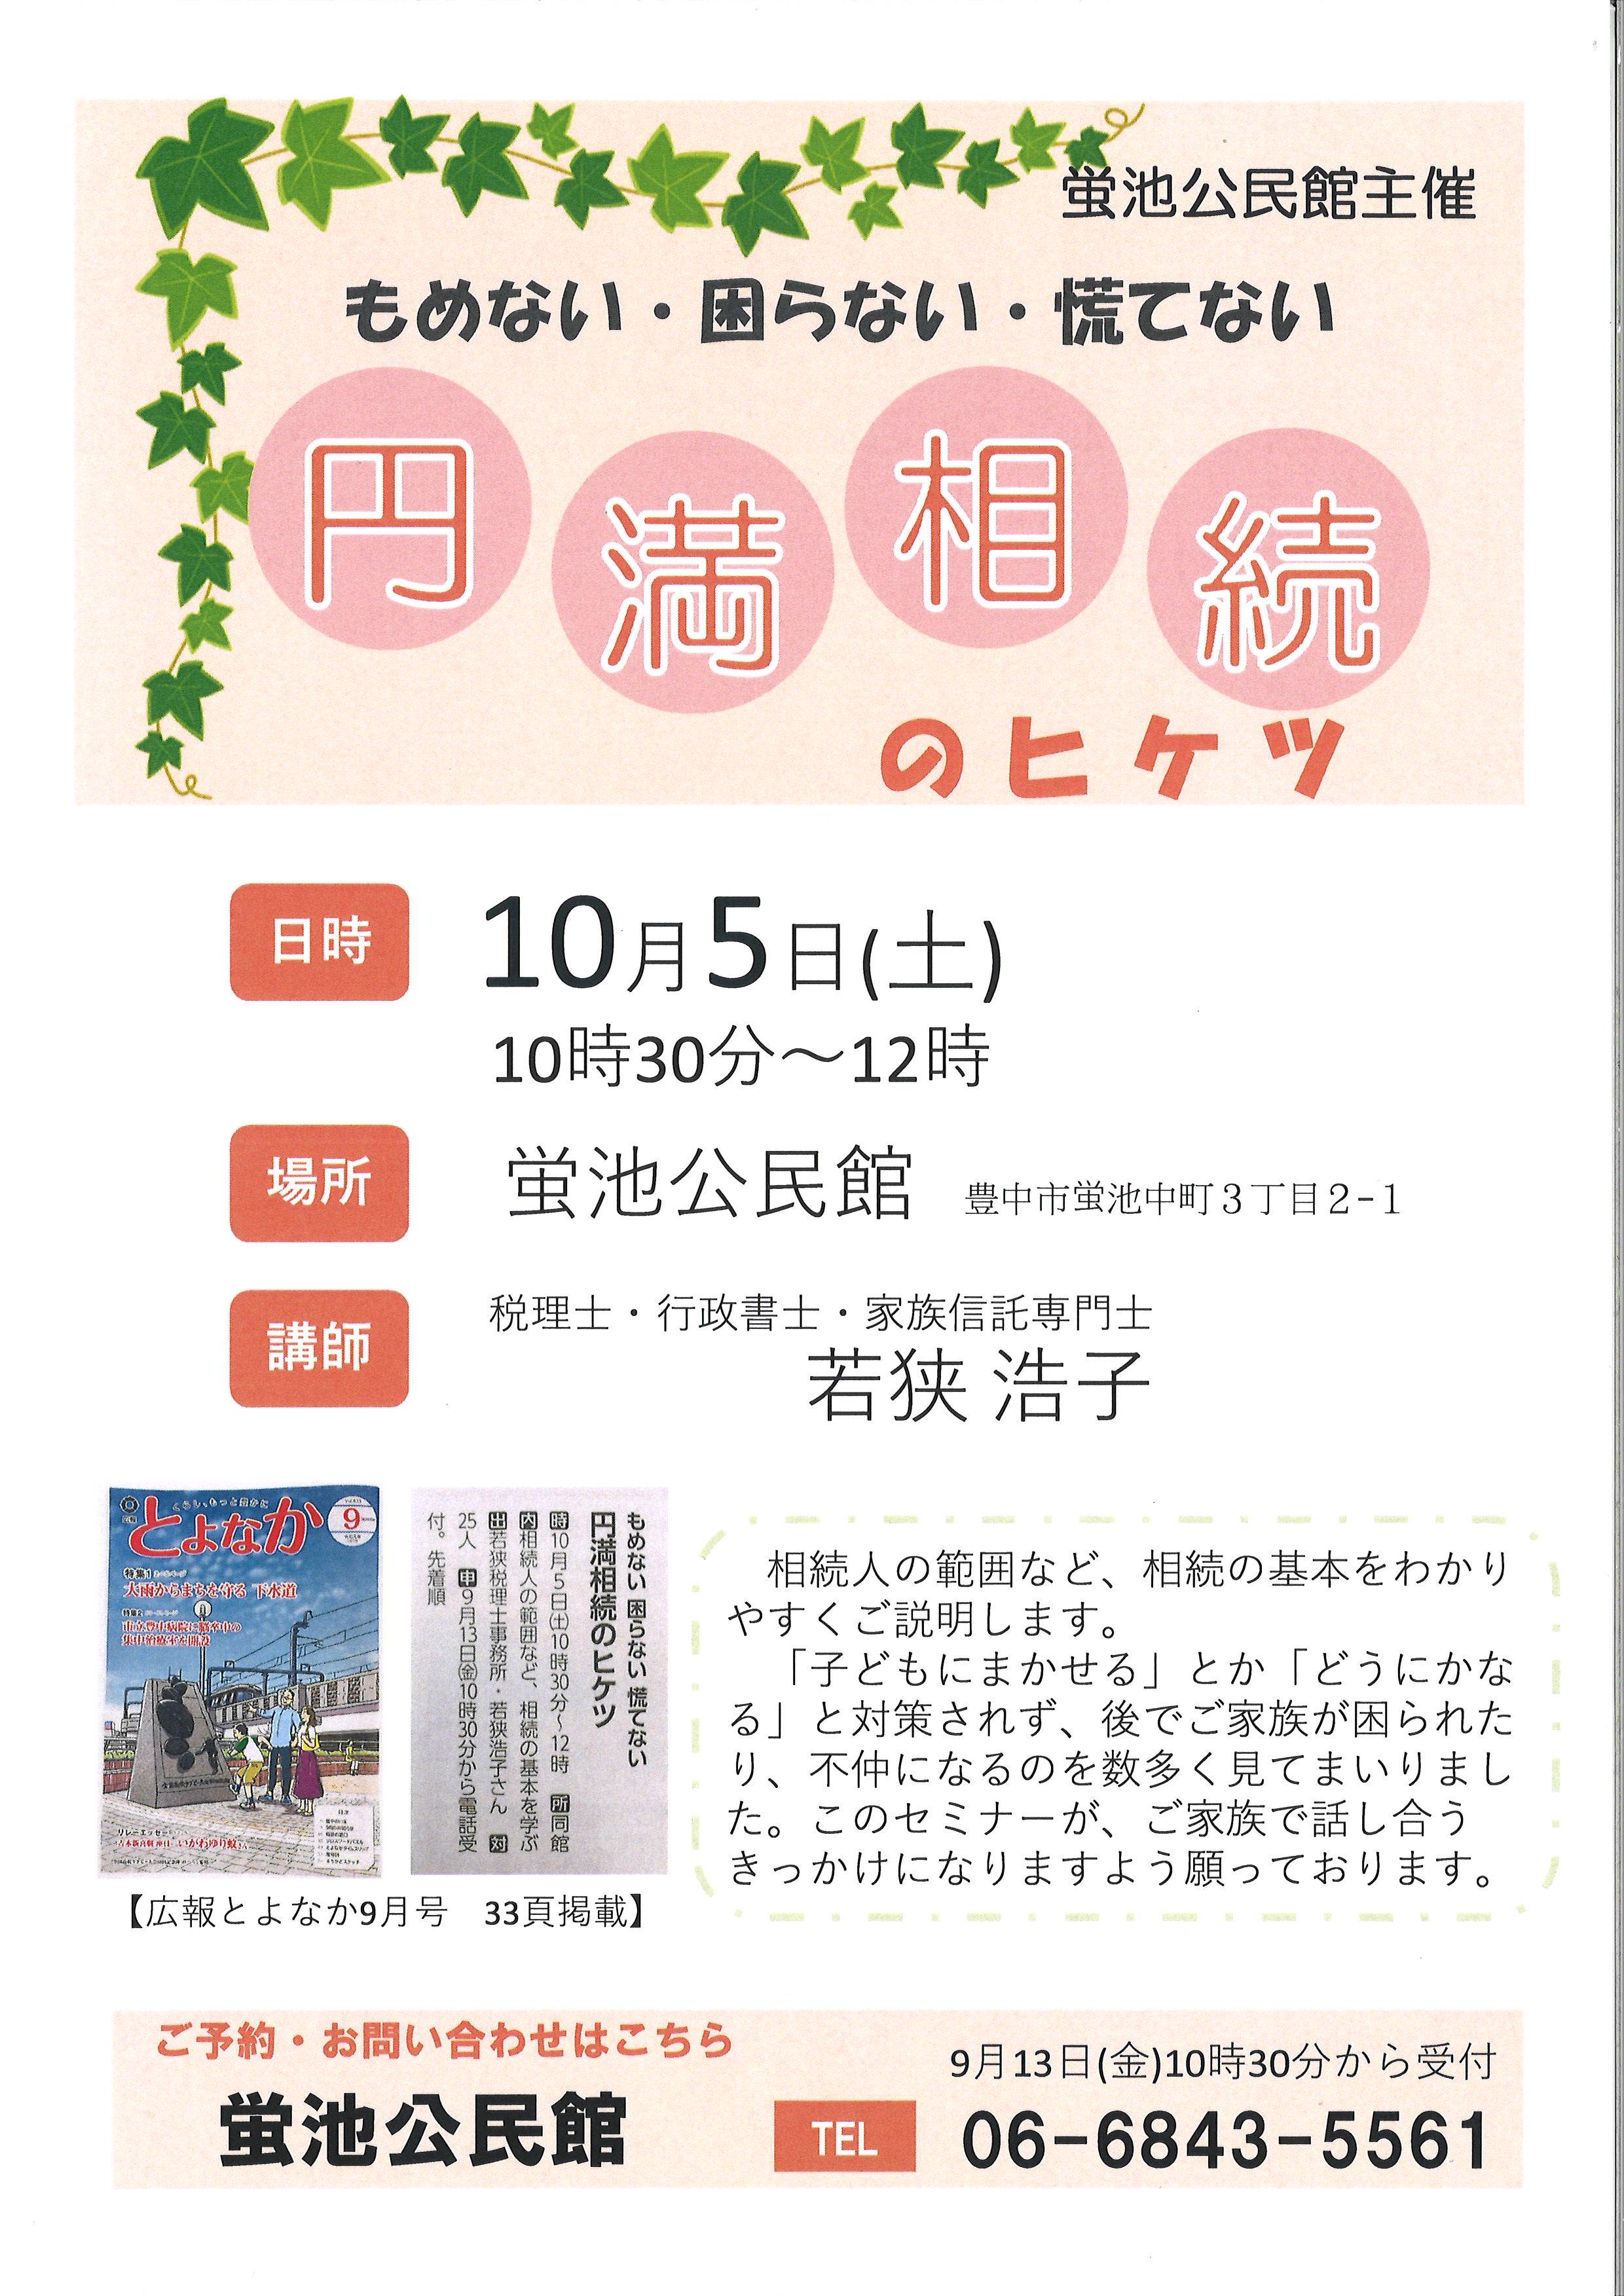 【セミナー開催】蛍池公民館主催 円満相続のヒケツ